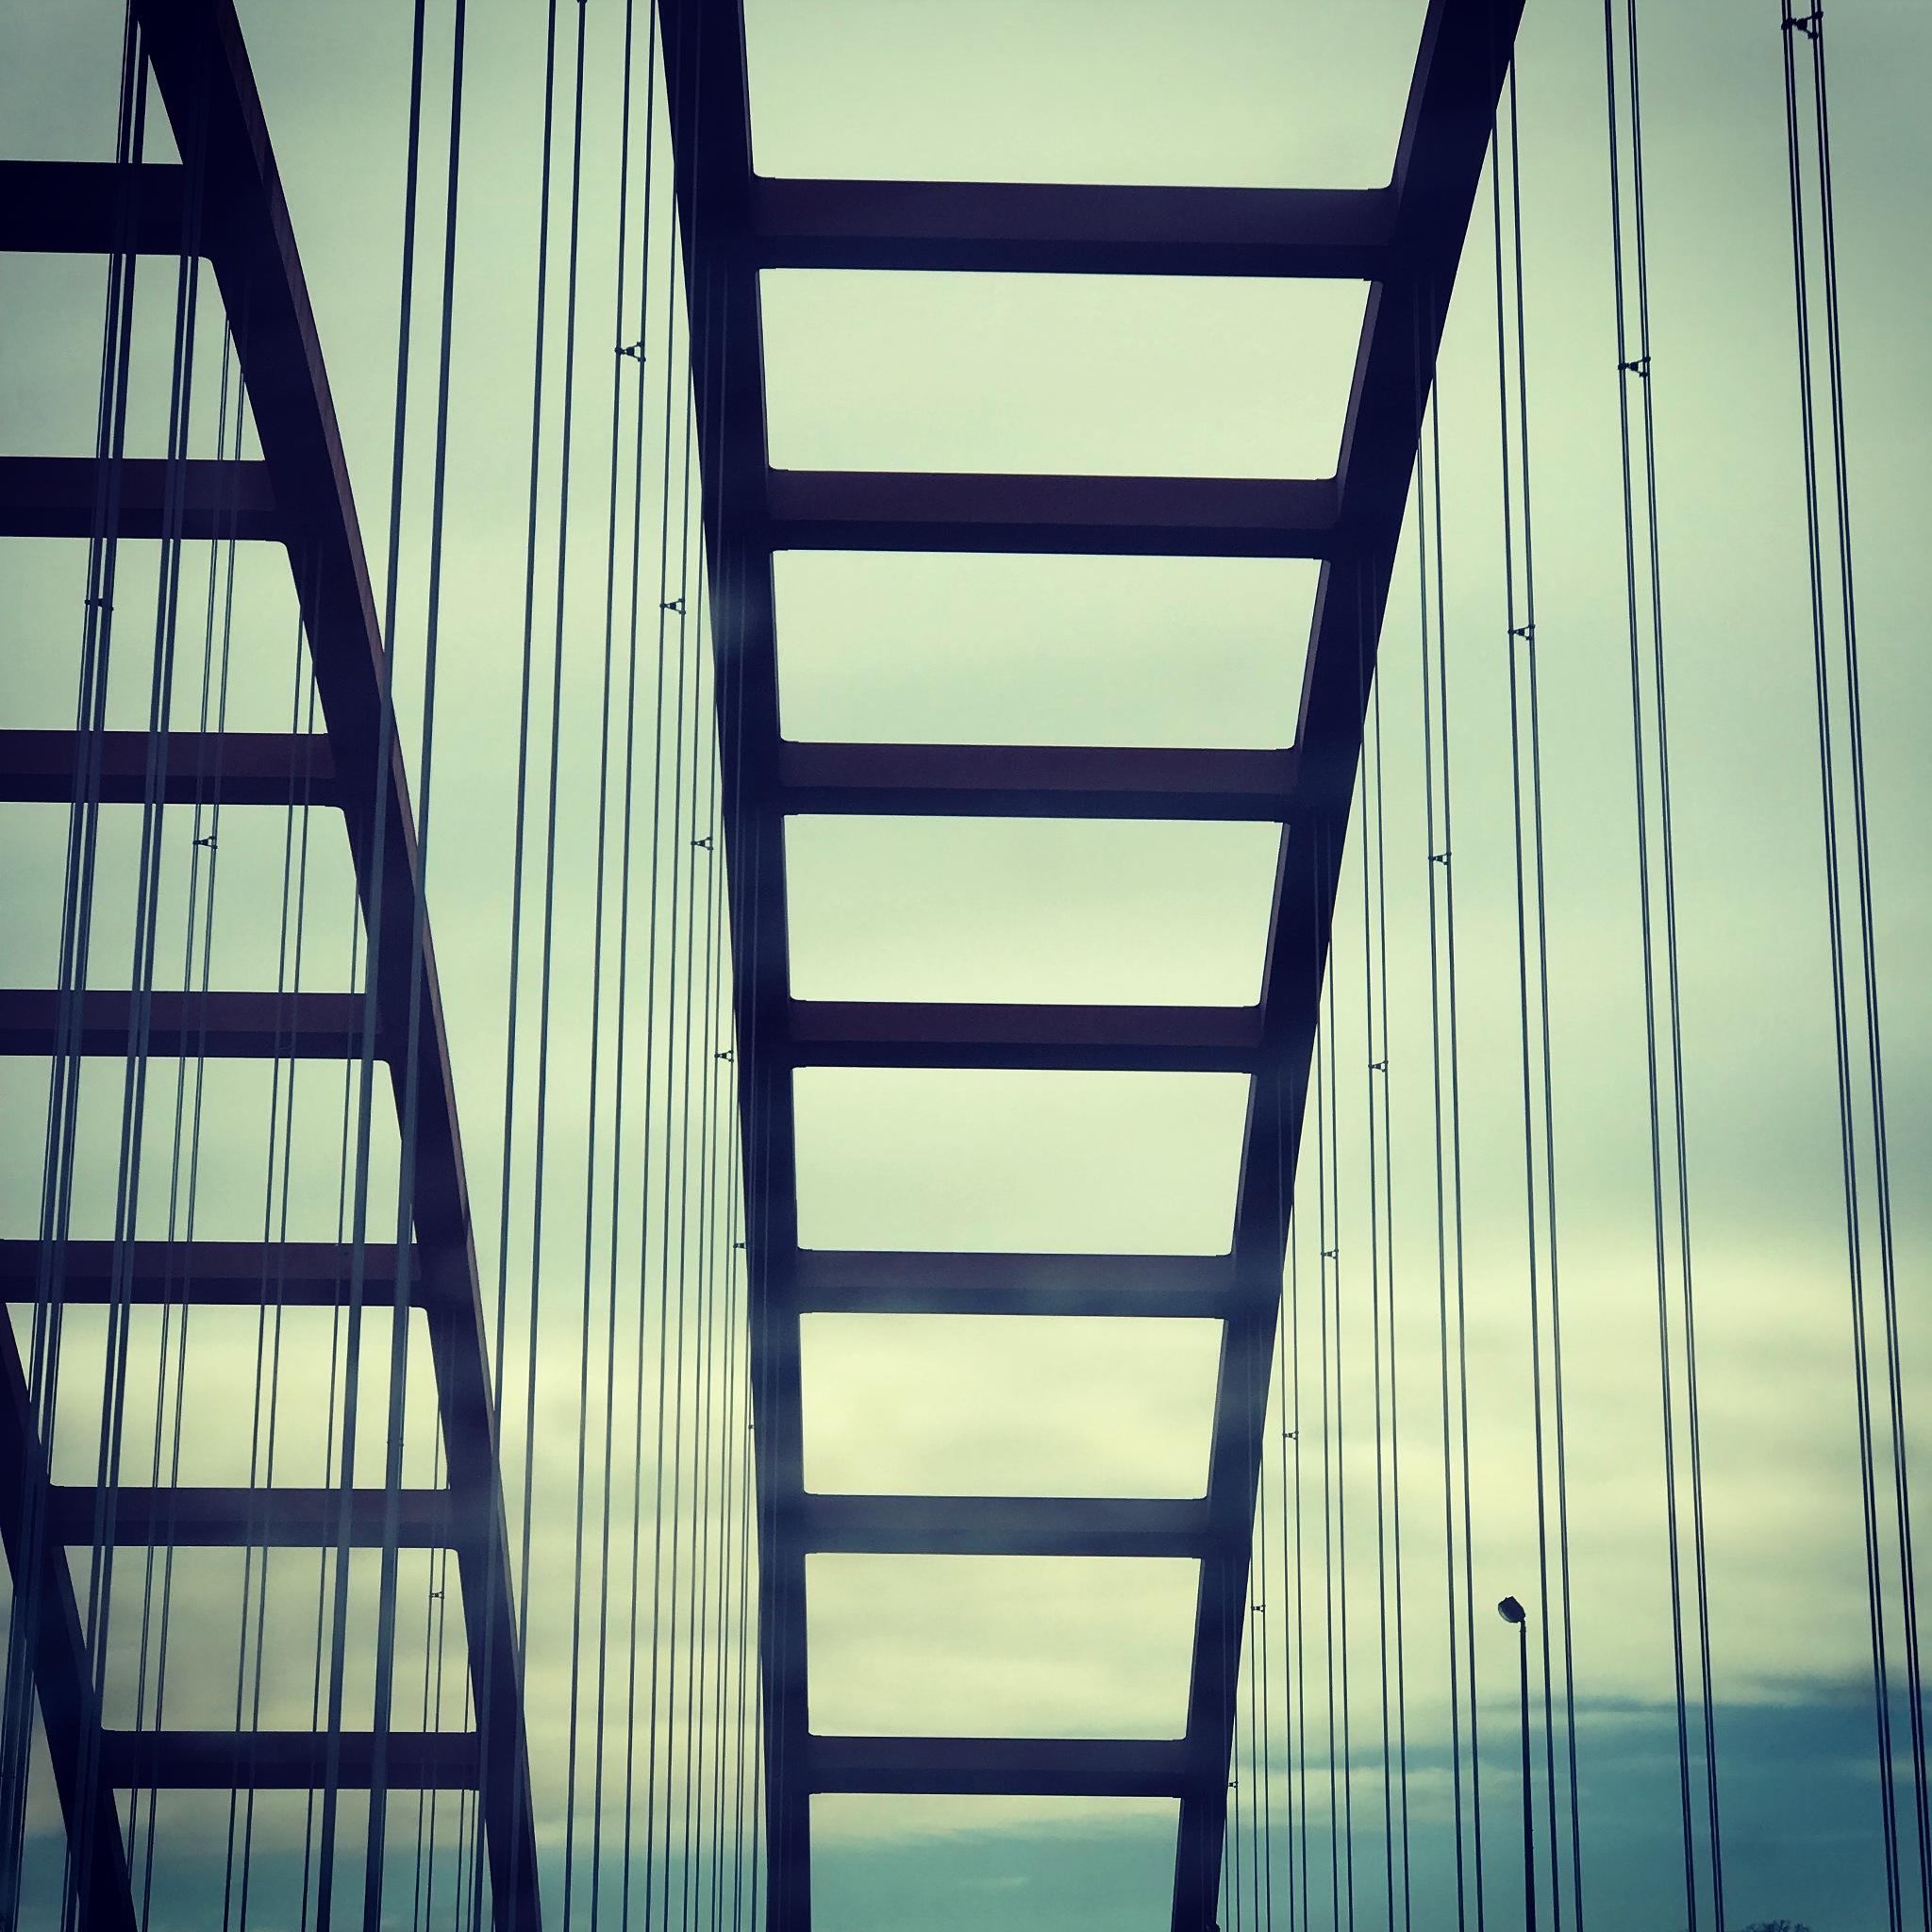 Bridge by Rhmier